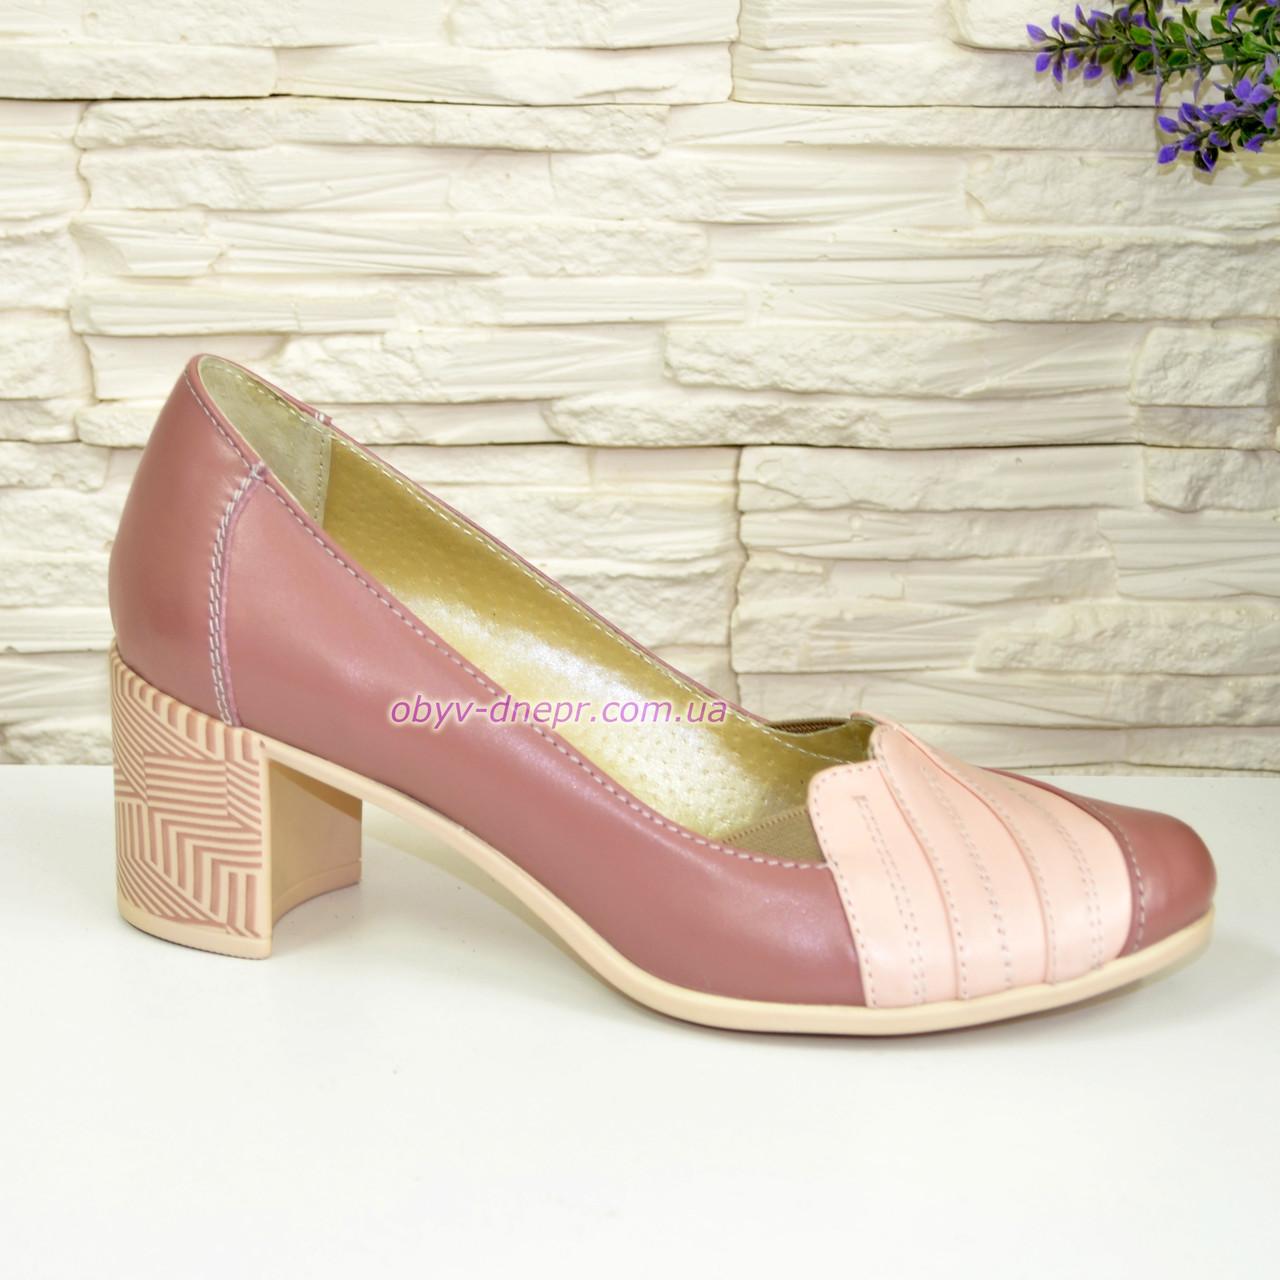 Туфли женские кожаные на невысоком каблуке, цвет пудра